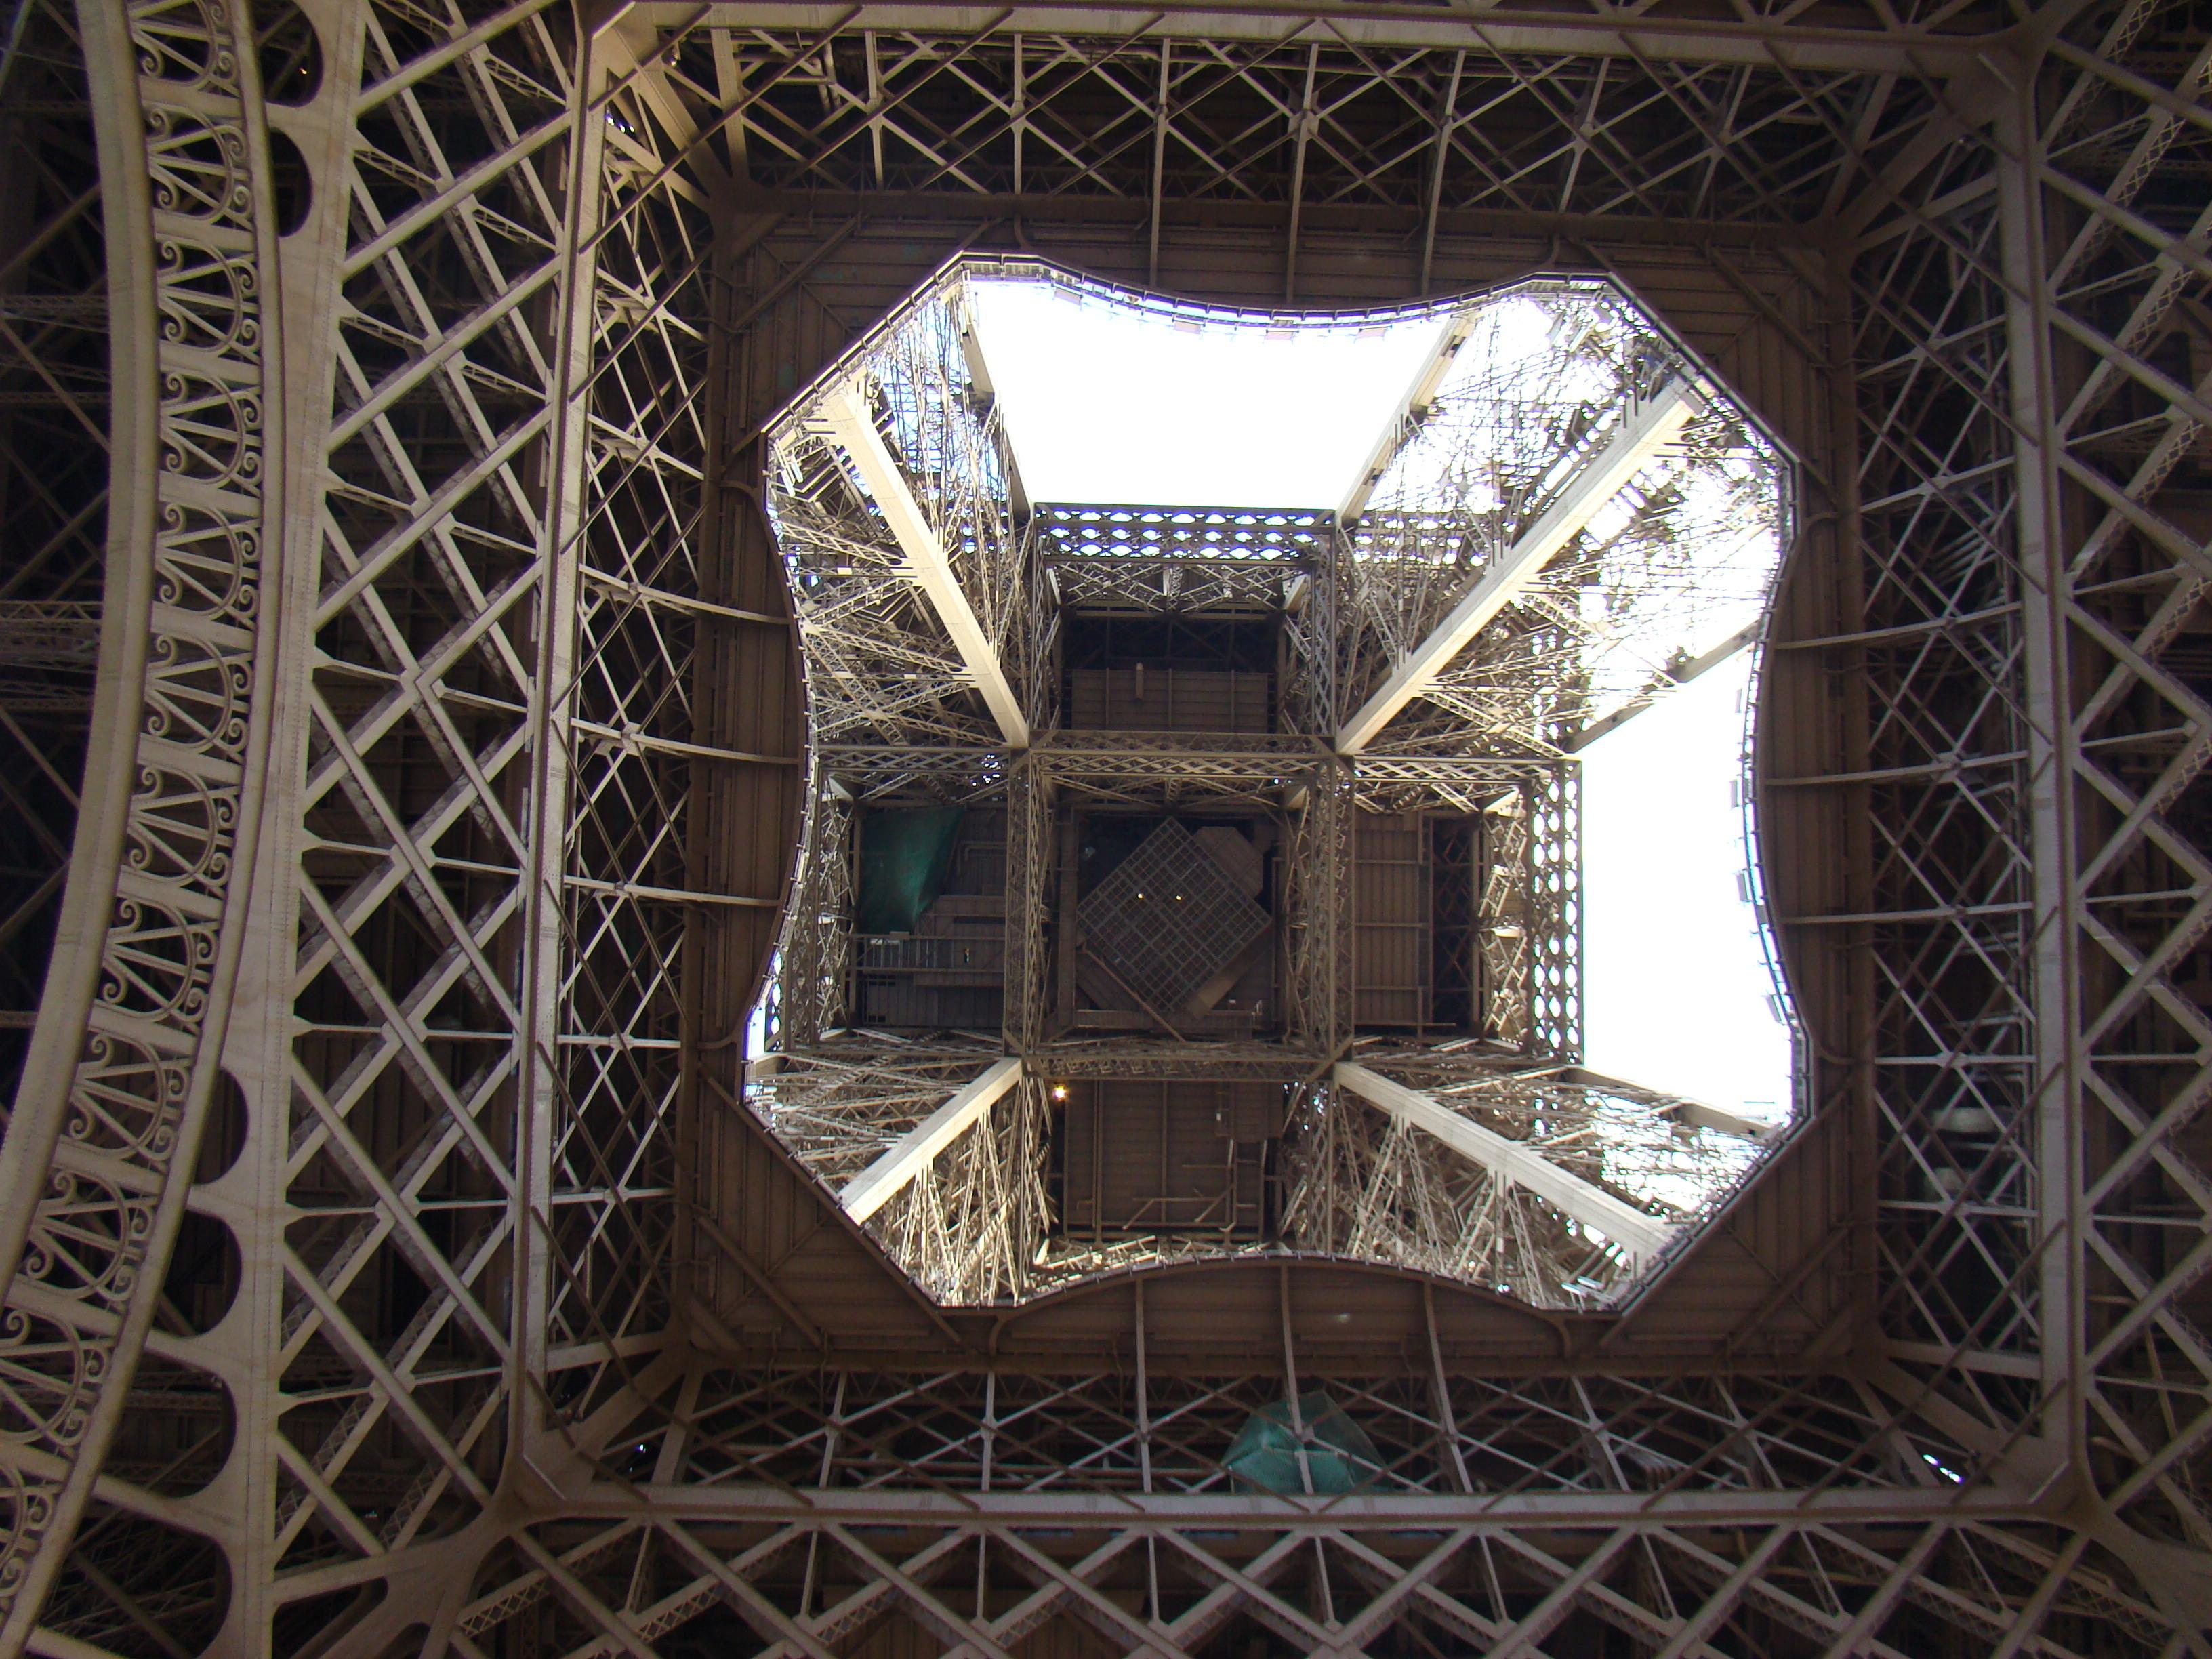 669 Steps To Heaven Walking The Eiffel Tower Bucket List